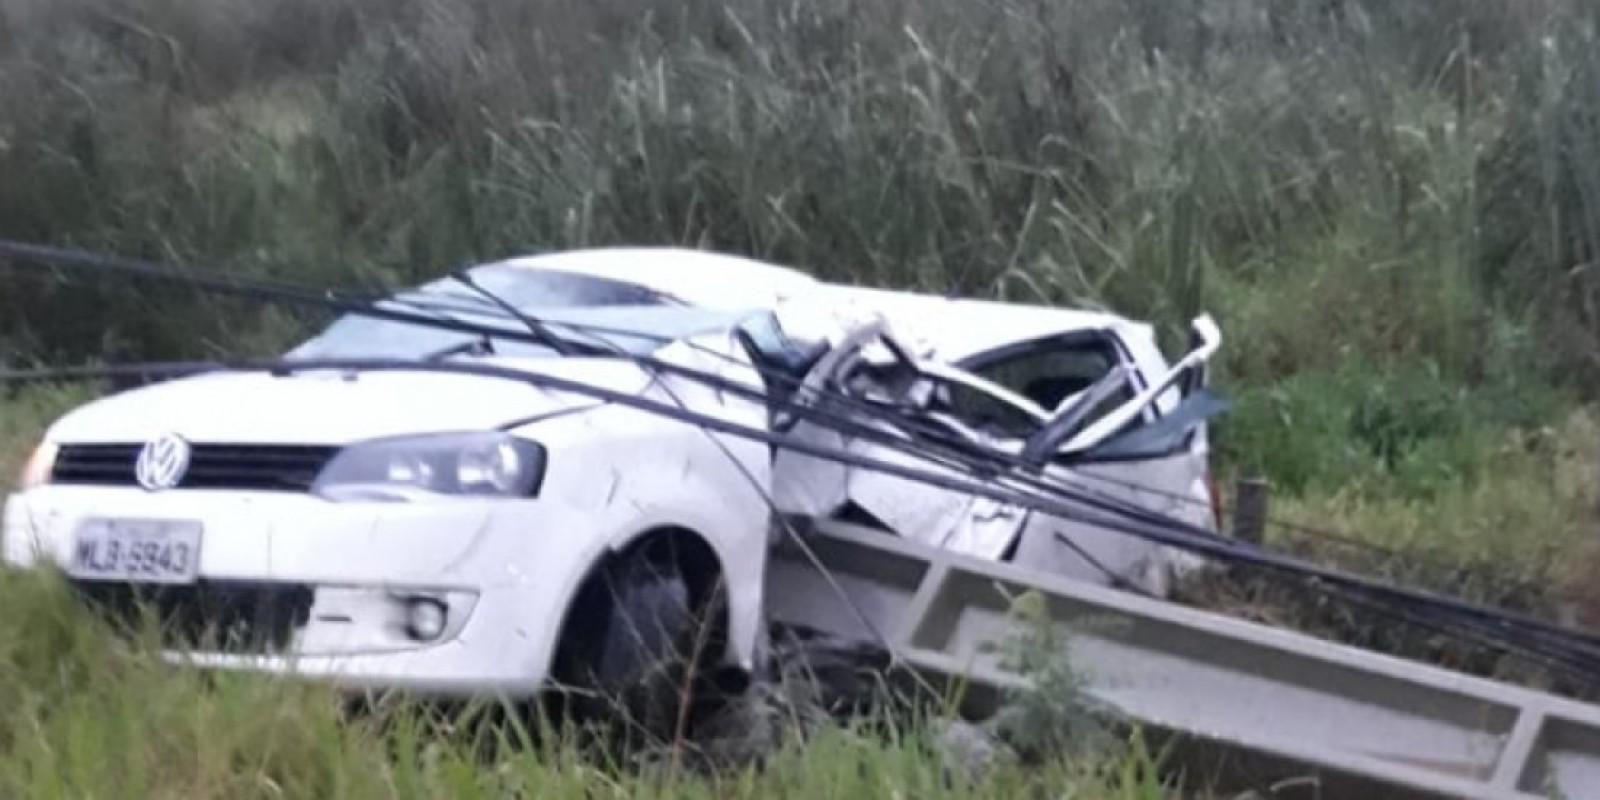 Motorista morre e passageira fica ferida após carro bater em poste na SC-434